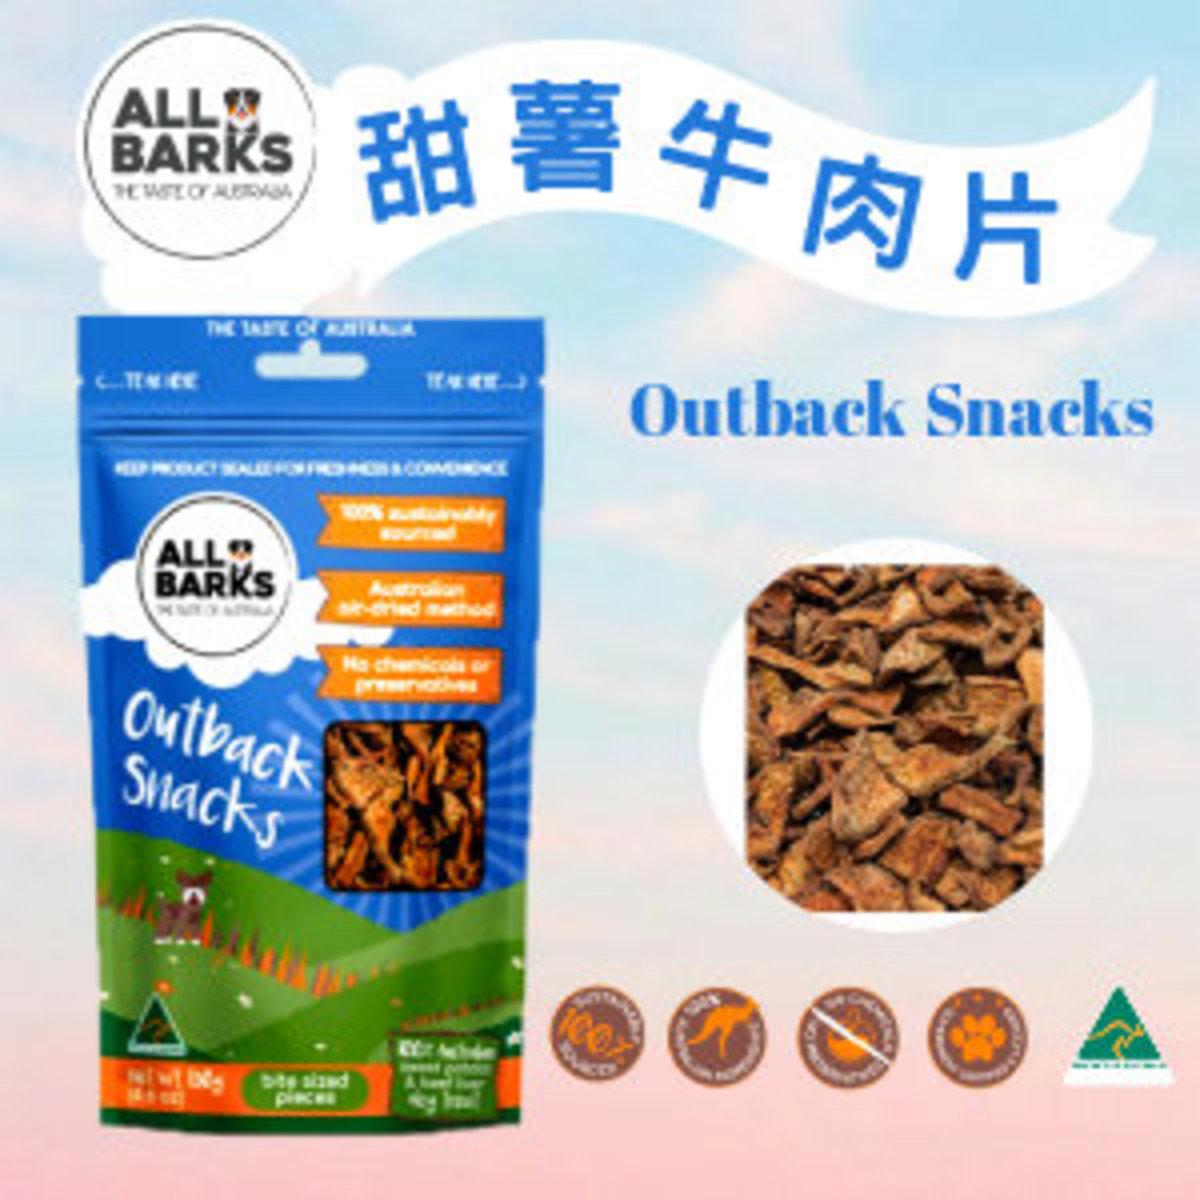 Australian Outback Snacks